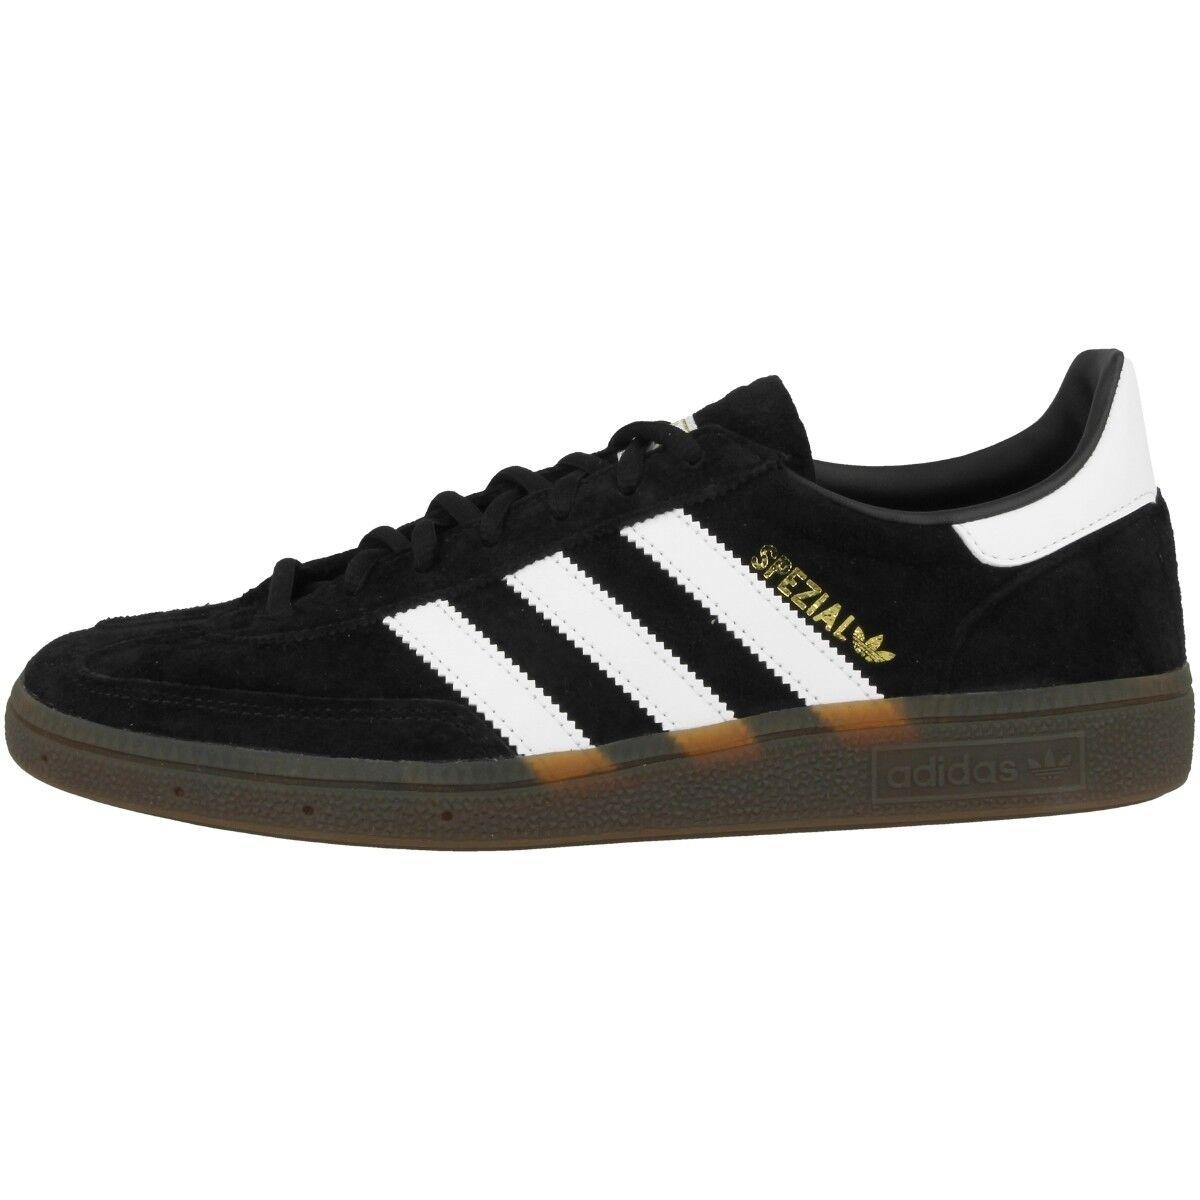 Adidas Handball Spezial Schuhe Originals Sport Freizeit Turnschuhe schwarz DB3021    | Das hochwertigste Material